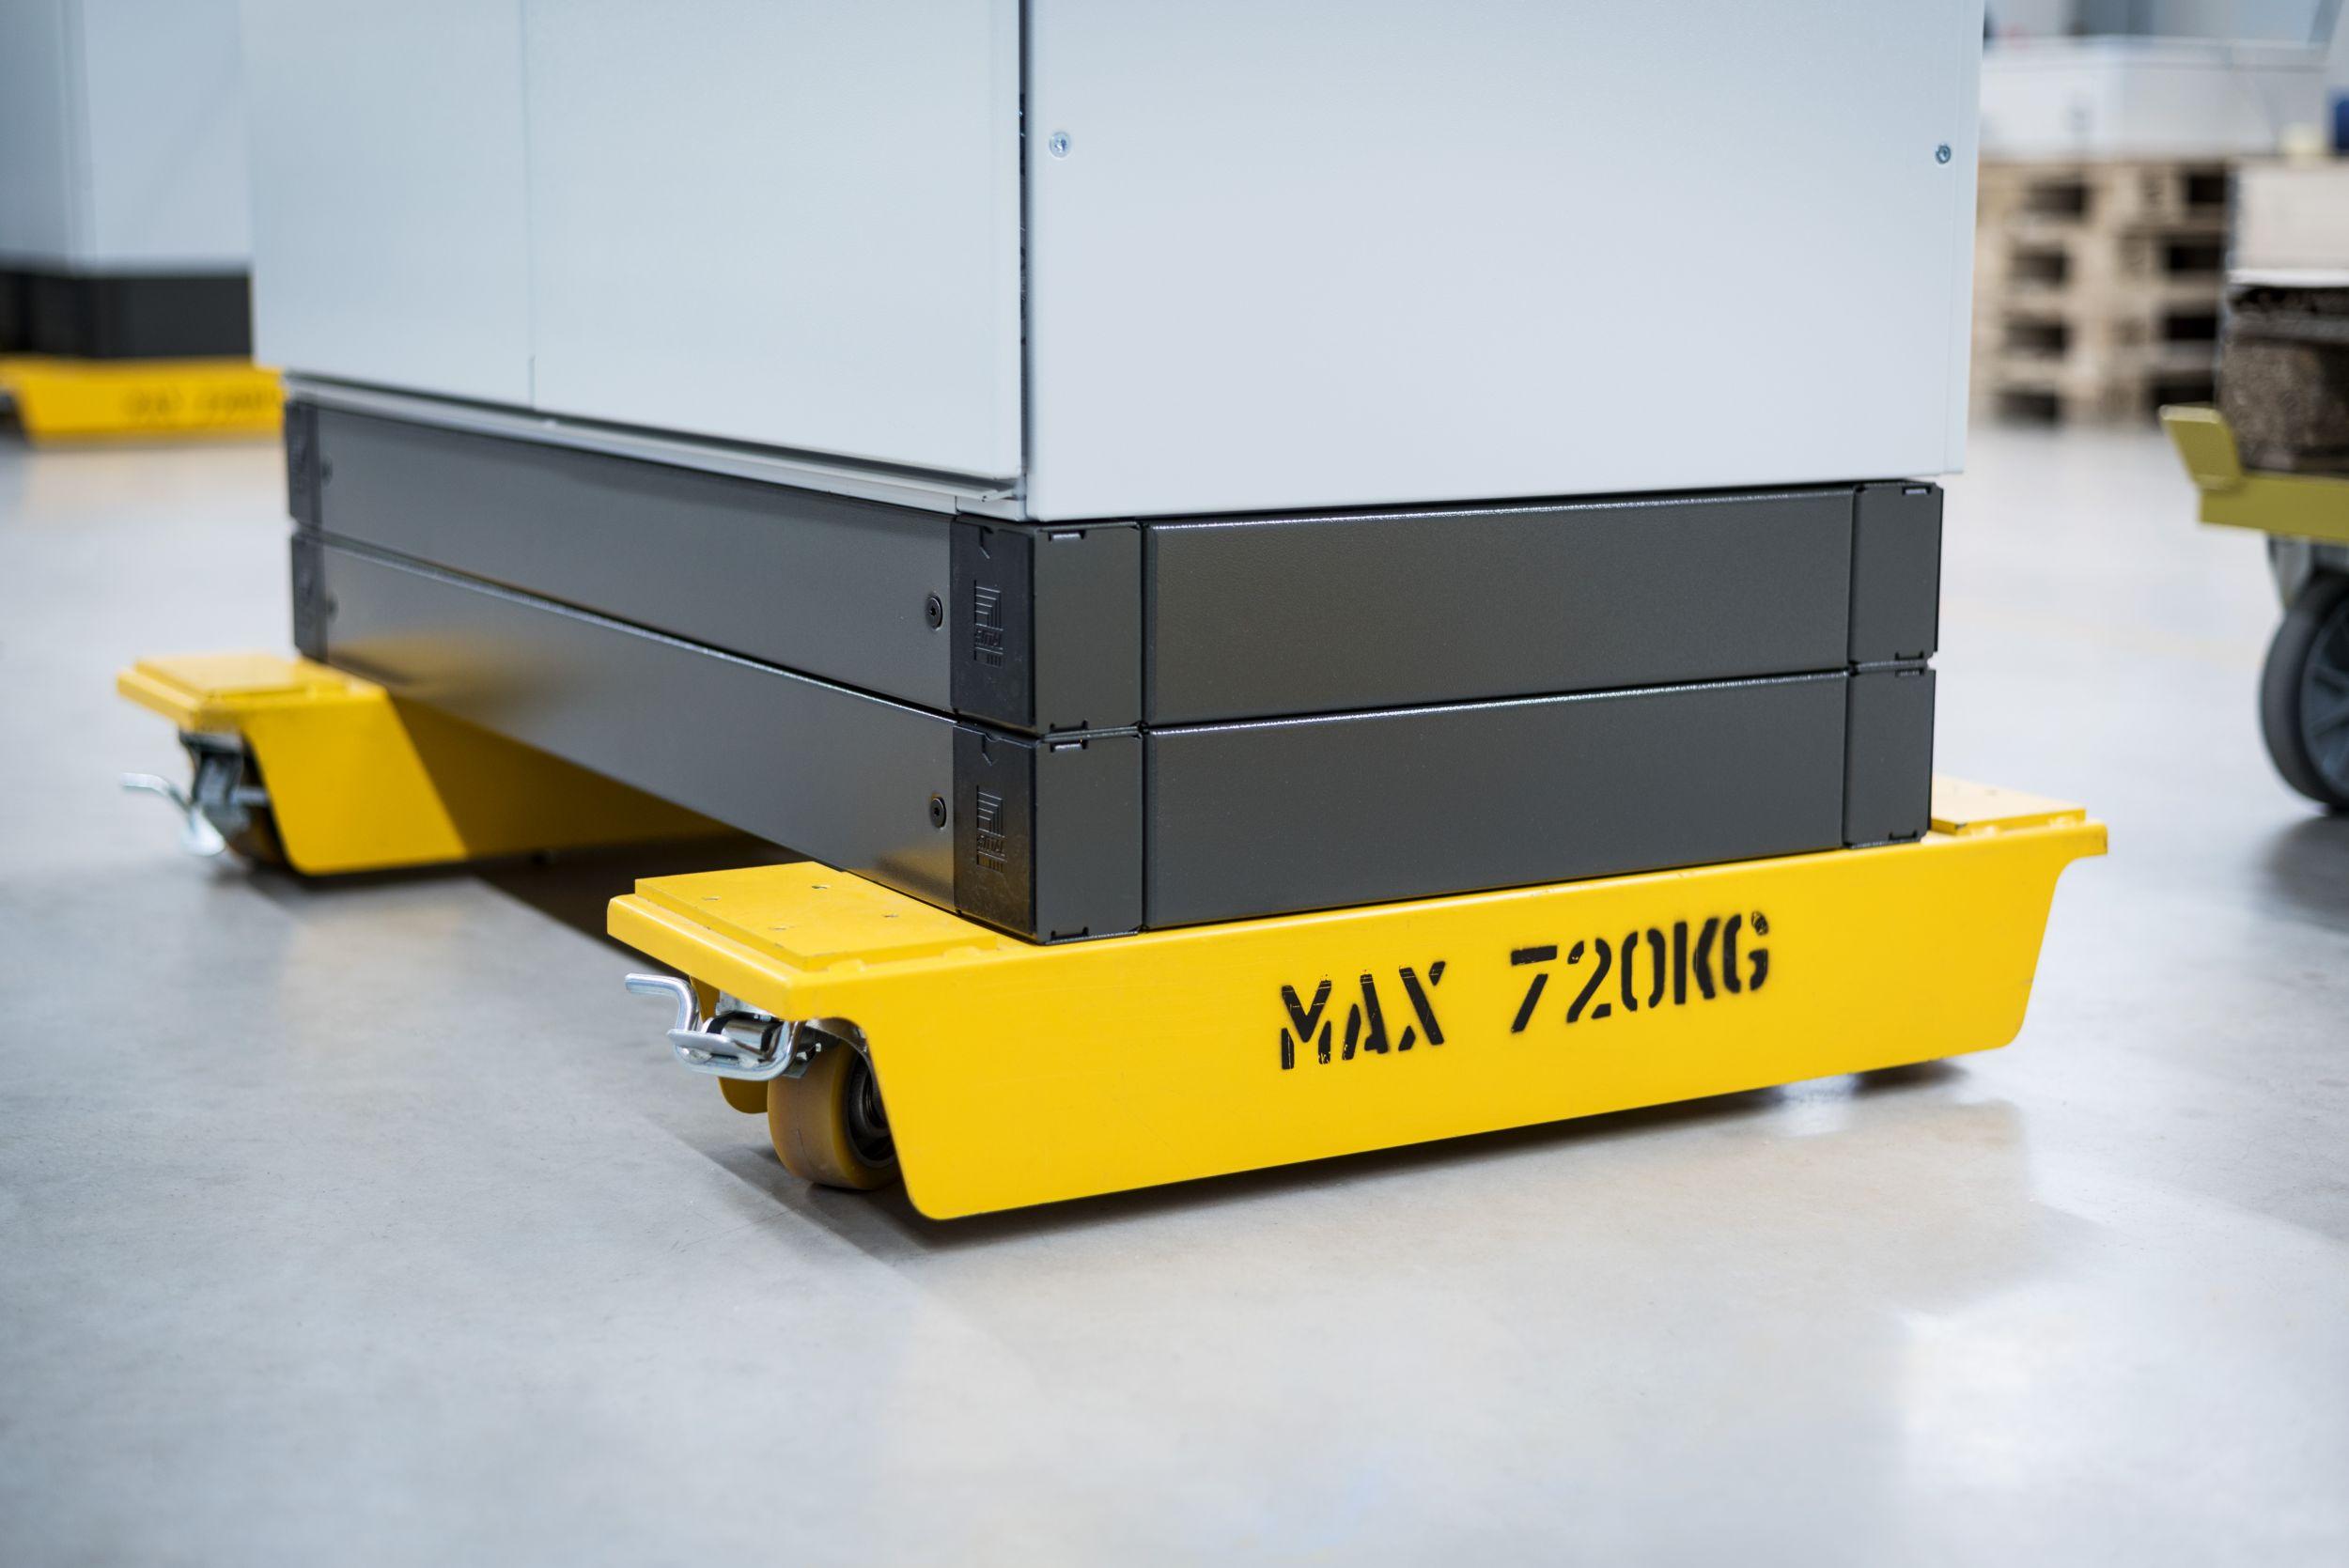 Die Transportkonsole für Schaltschränke bietet eine Traglast von 720kg. (Bild: Blumenbecker Automatisierungstechnik GmbH)